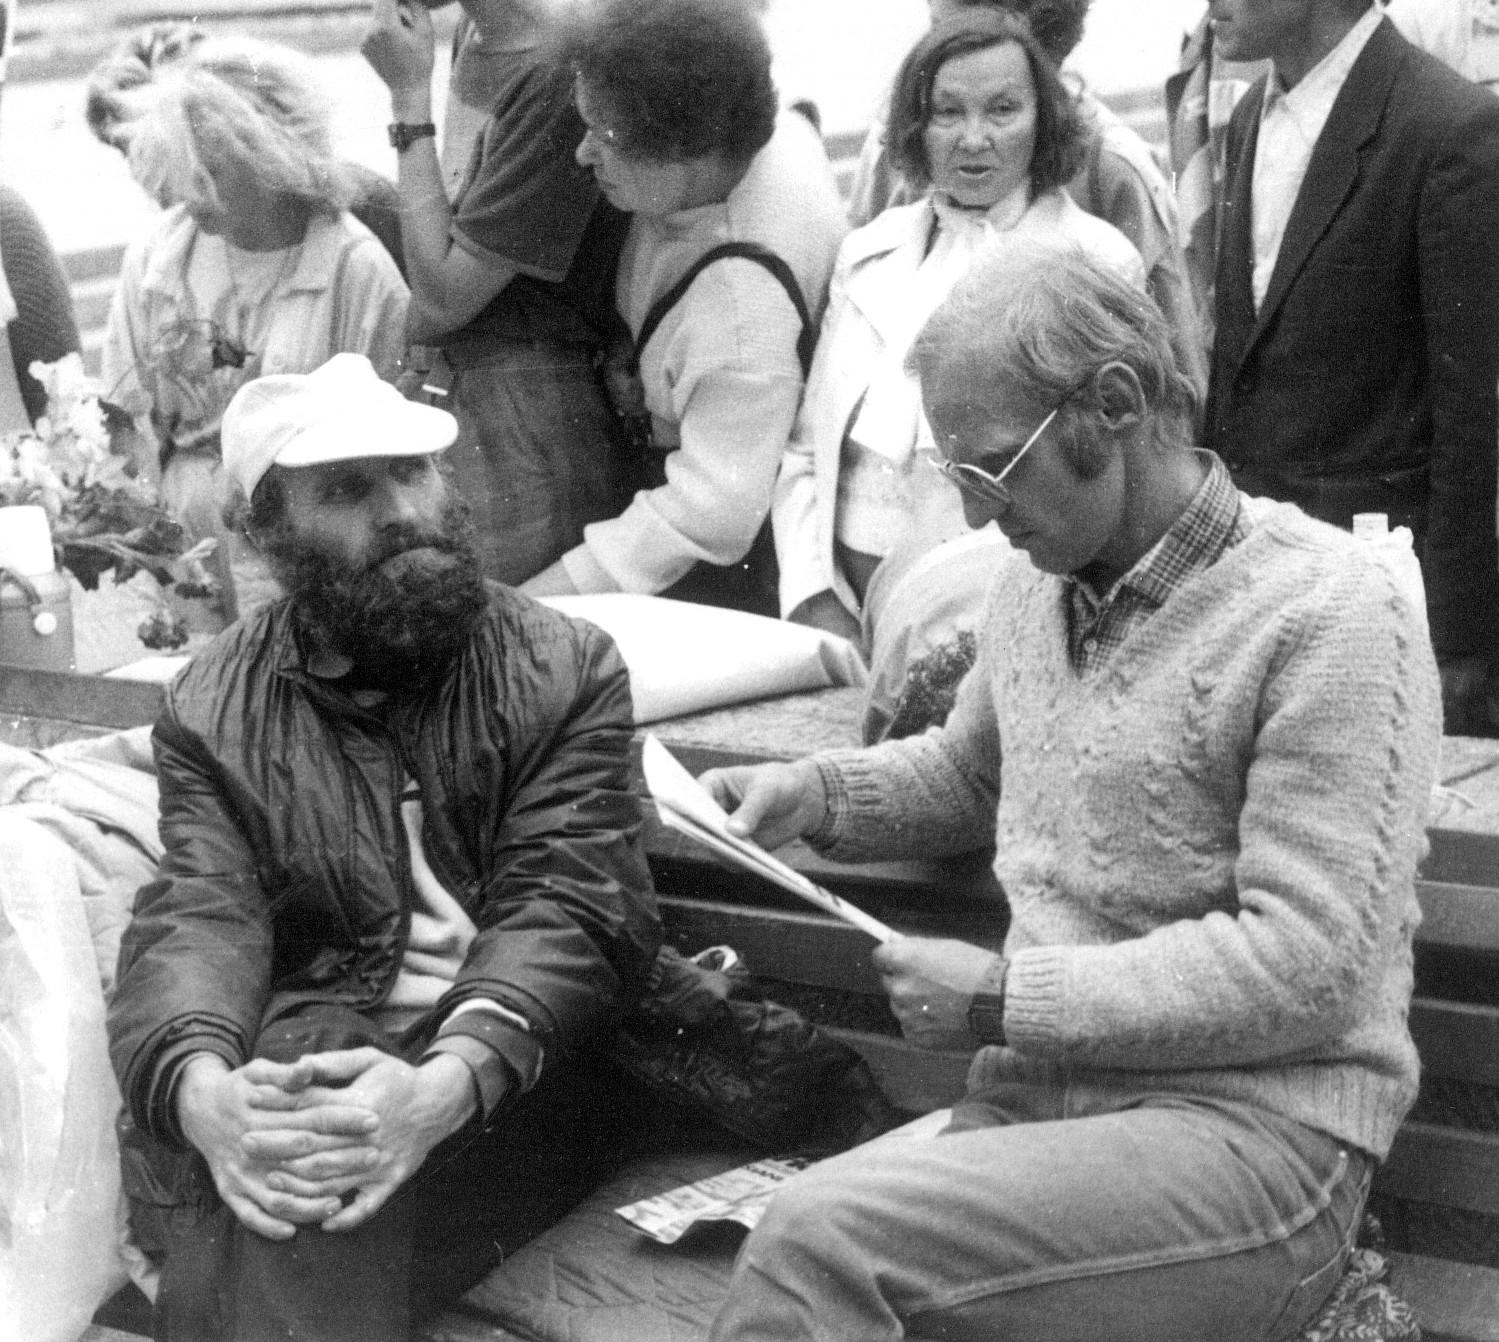 1988 metų vasarą Petras Cidzikas (kairėje) ir Algimantas Andreika pradėjo bado akciją, reikalaudami paleisti politinius kalinius ir išvesti okupacinę kariuomenę iš Lietuvos | wikipedia.org, T. Kapočiaus nuotr.